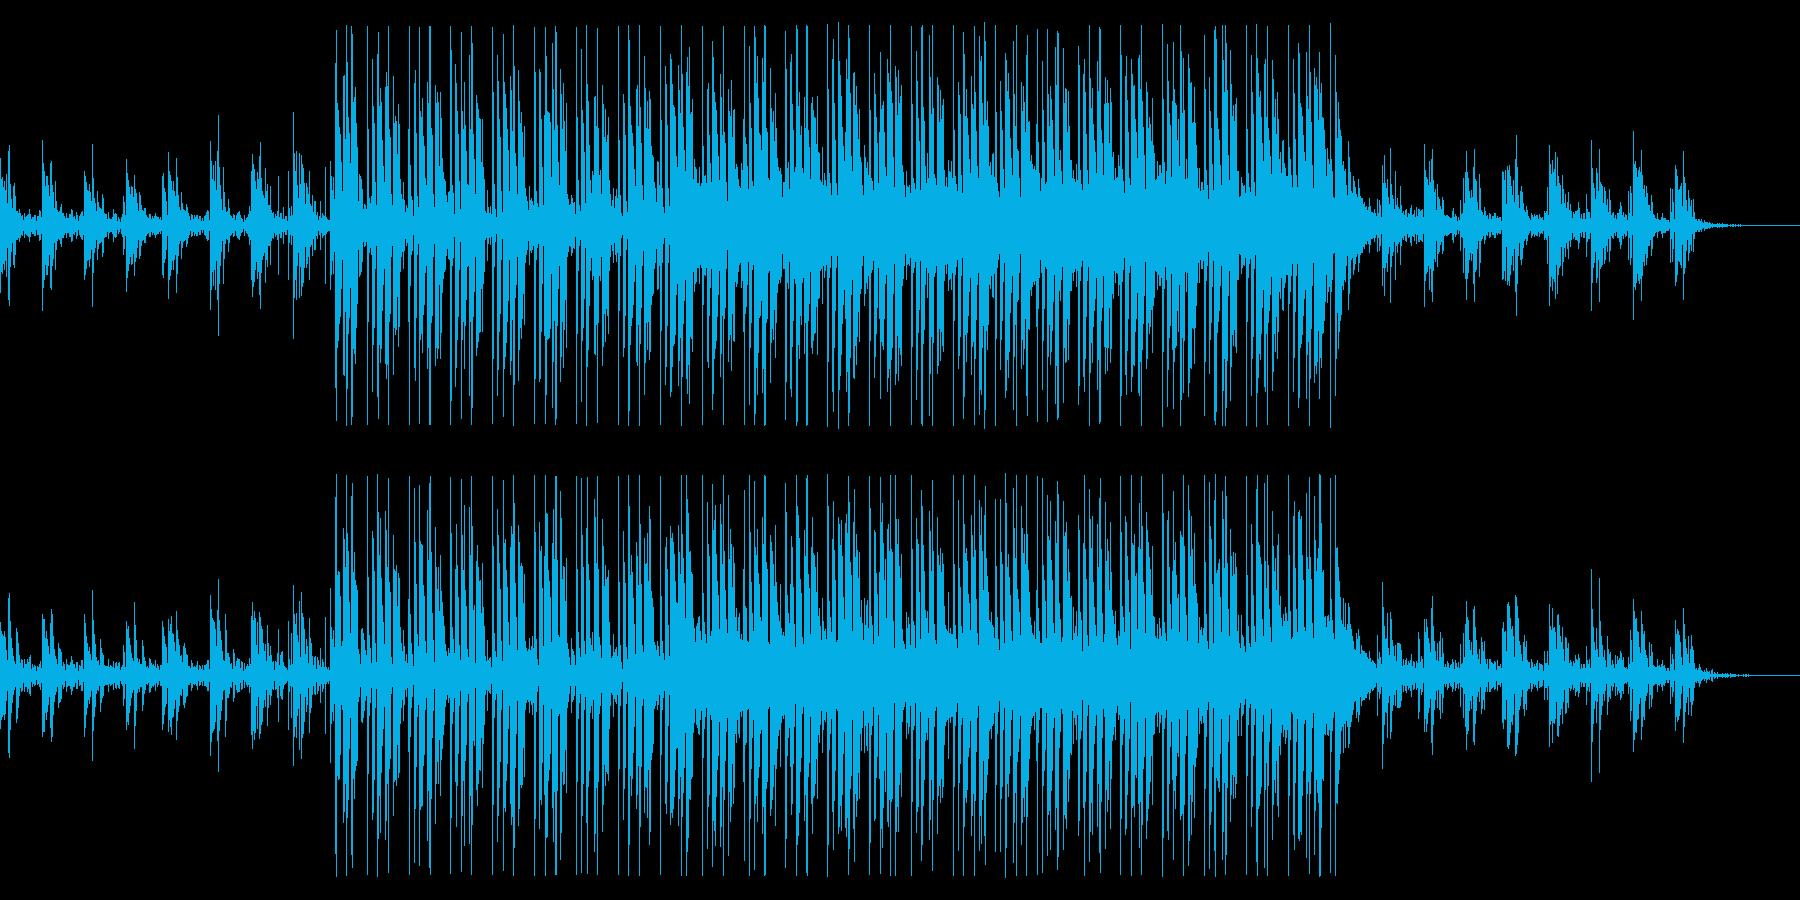 情報番組向けクールなインストの再生済みの波形